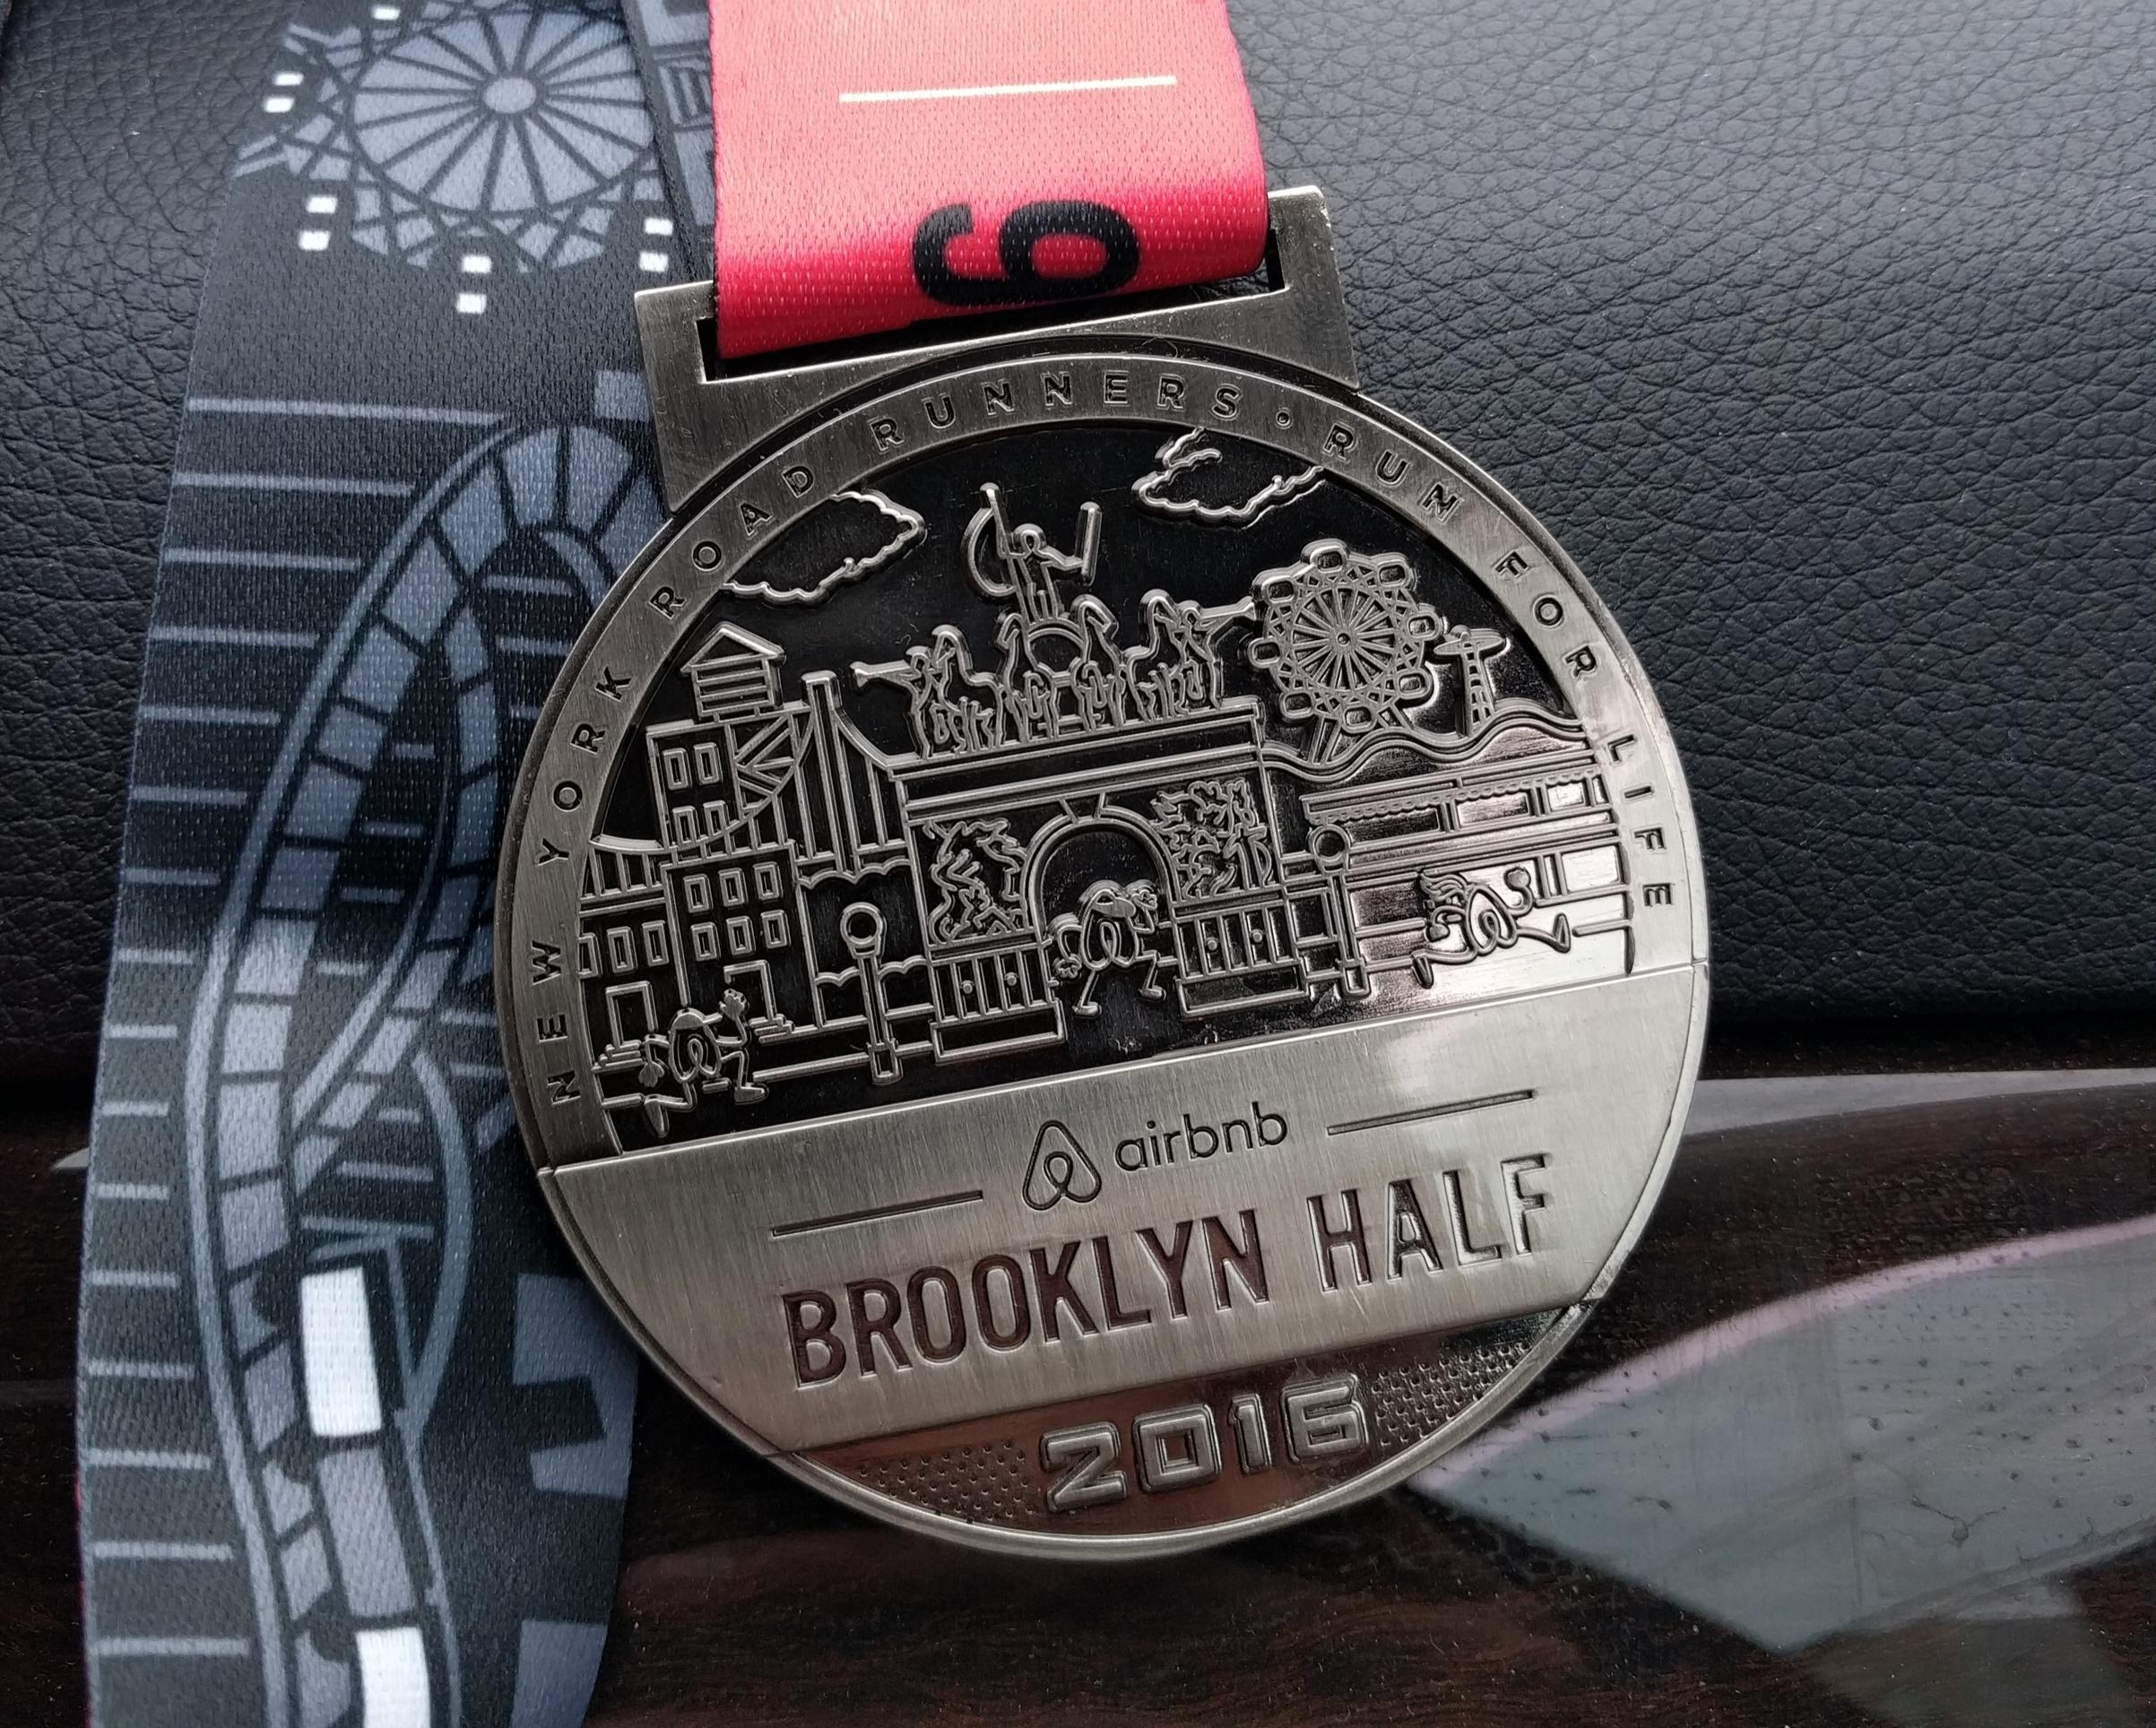 Brooklyn Half